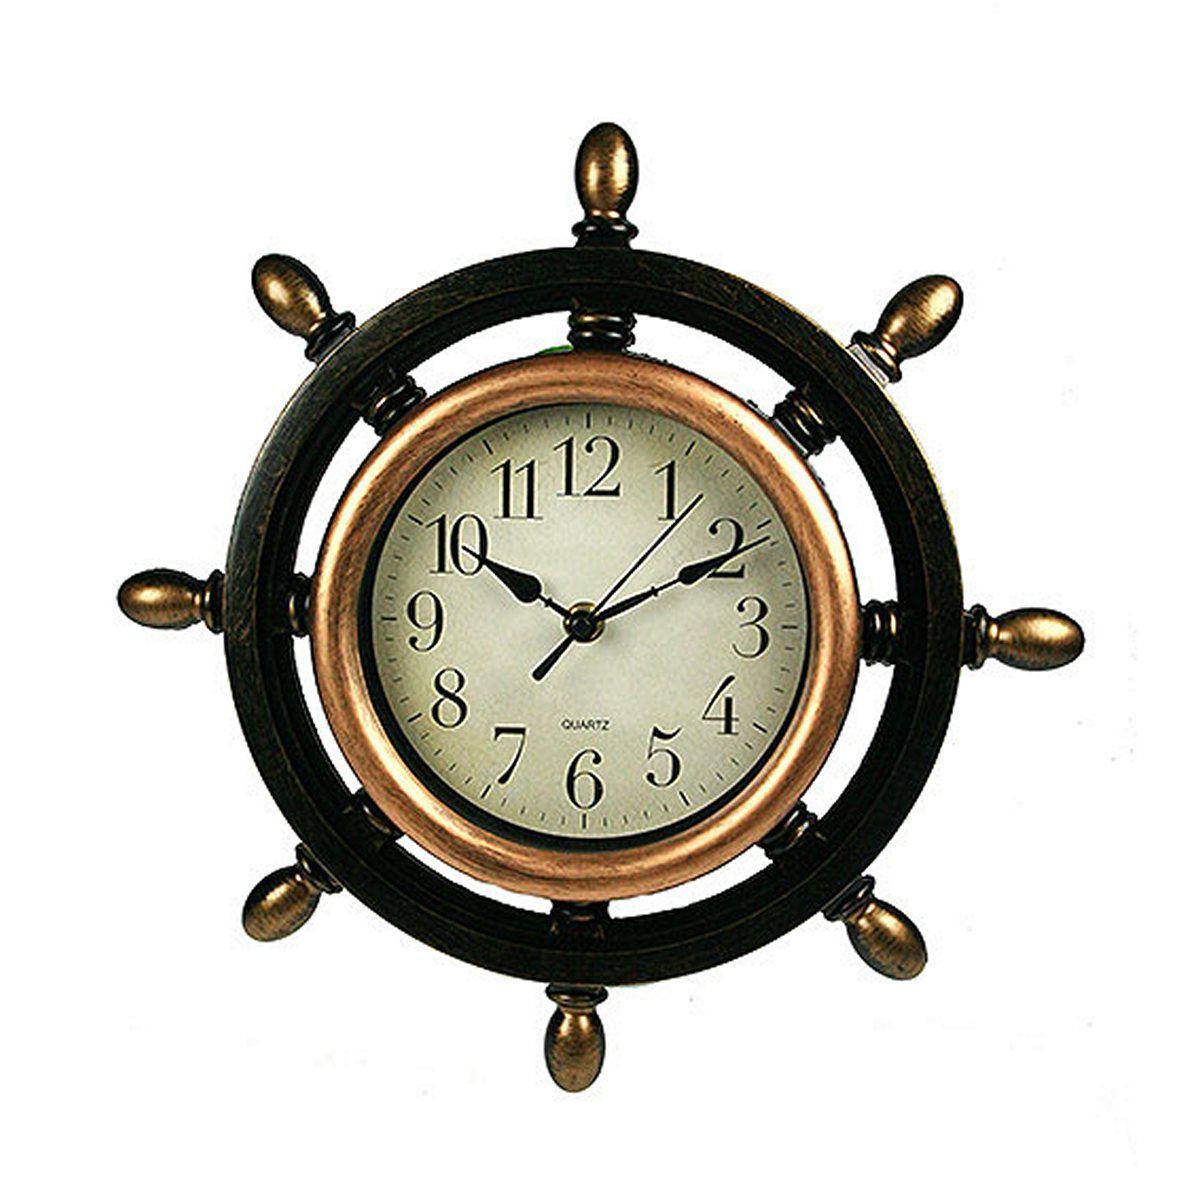 Часы настенные Русские Подарки Штурвал, диаметр 33 см. 222434222434Настенные кварцевые часы Русские Подарки Штурвал изготовлены из пластика. Корпус оригинально оформлен в виде штурвала. Циферблат защищен стеклом. Часы имеют три стрелки - часовую, минутную и секундную. С обратной стороны имеется петелька для подвешивания на стену. Такие часы красиво и необычно оформят интерьер дома или офиса. Также часы могут стать уникальным, полезным подарком для родственников, коллег, знакомых и близких. Часы работают от батареек типа АА (в комплект не входят).